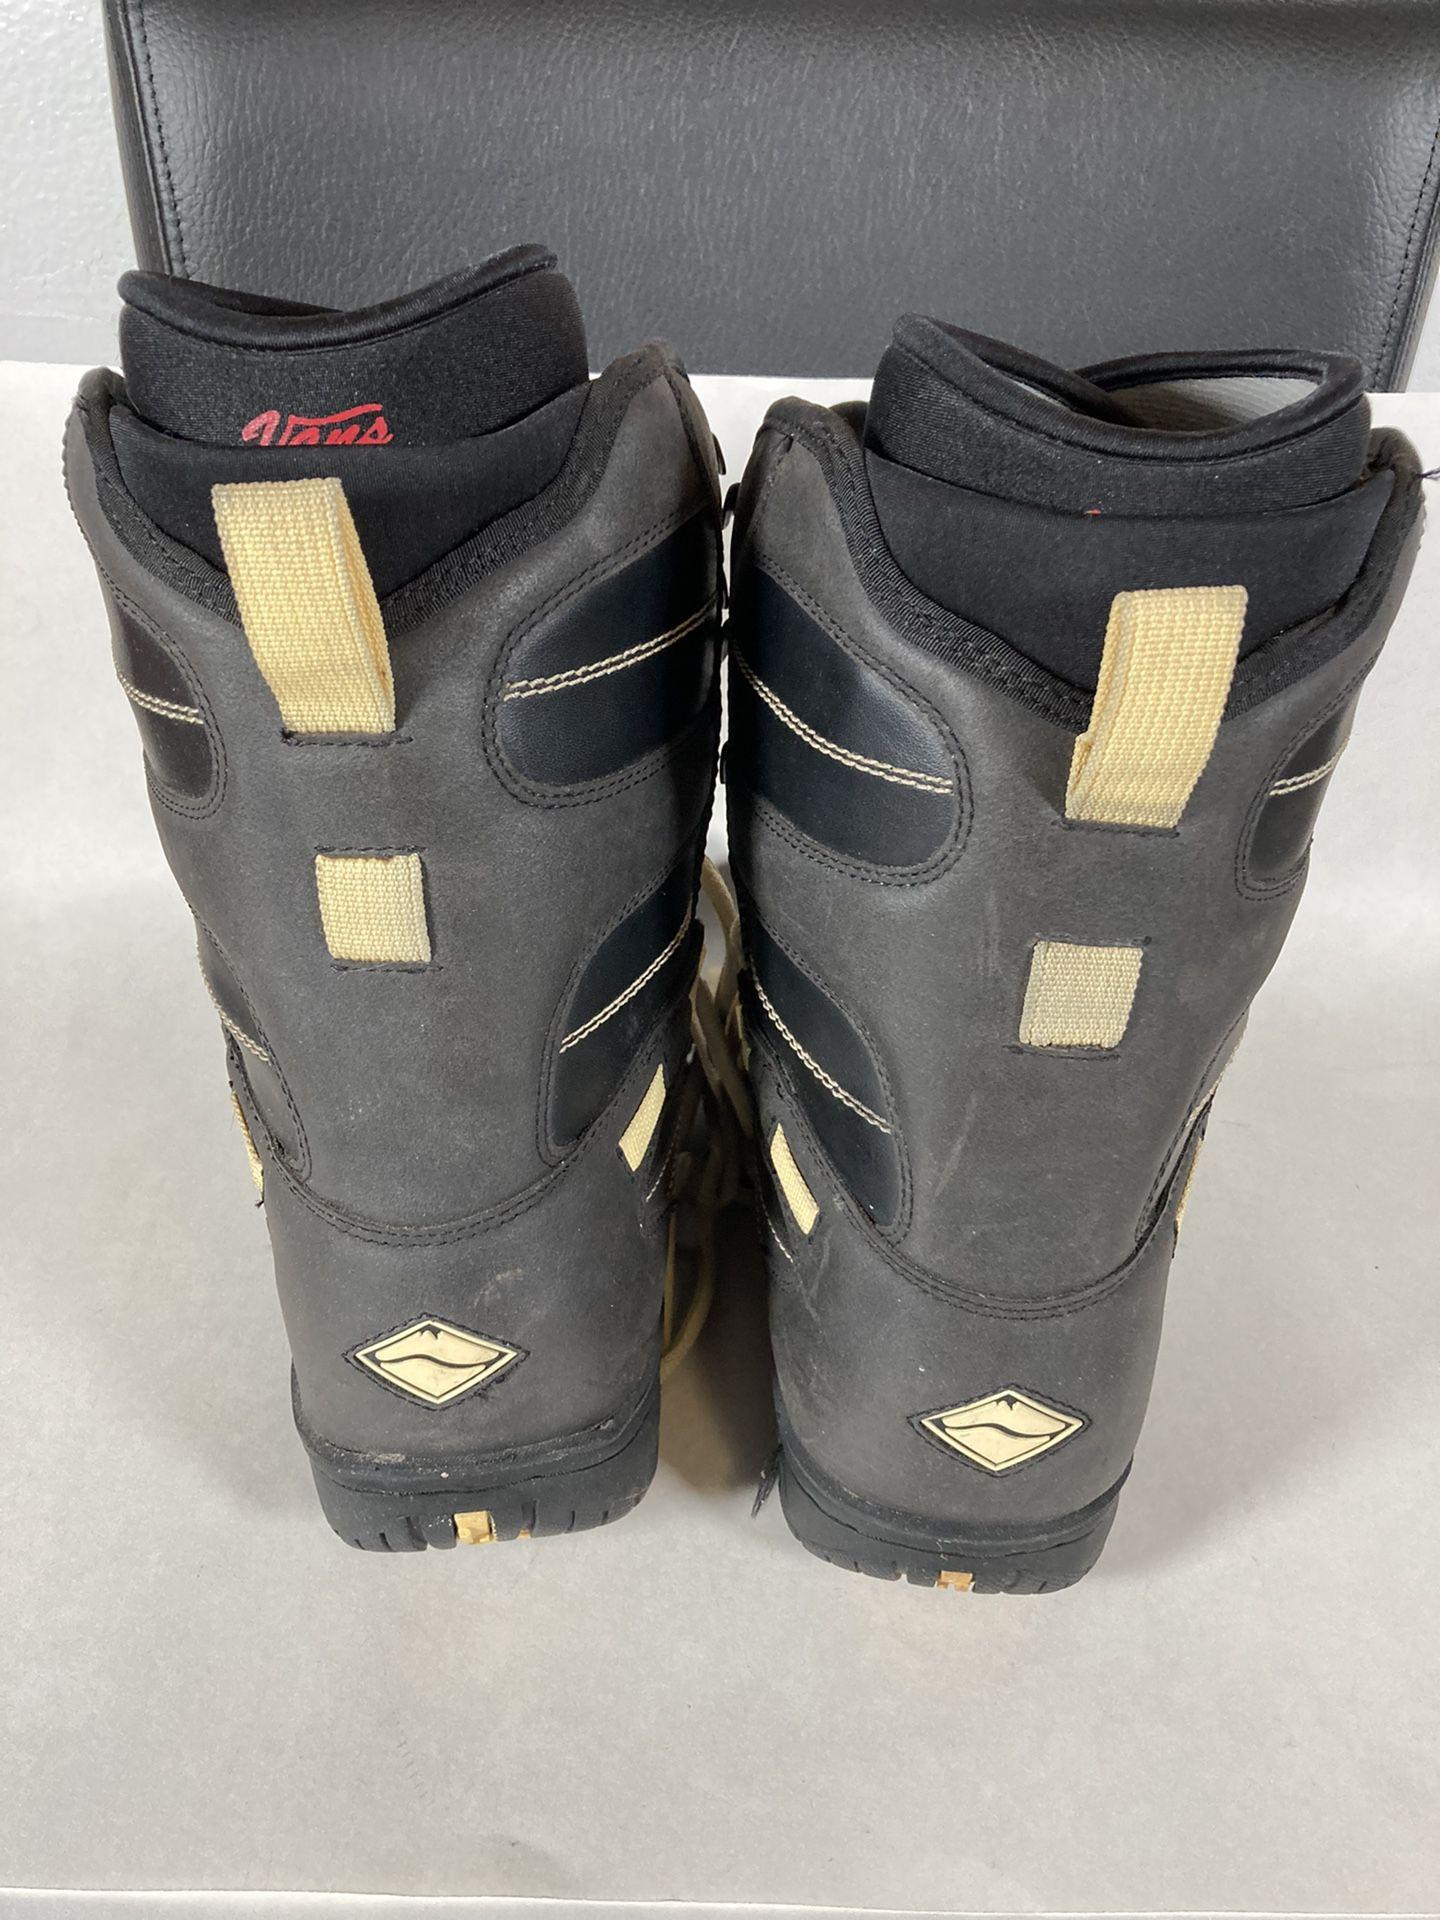 Women's Vans Snowboarding Boots